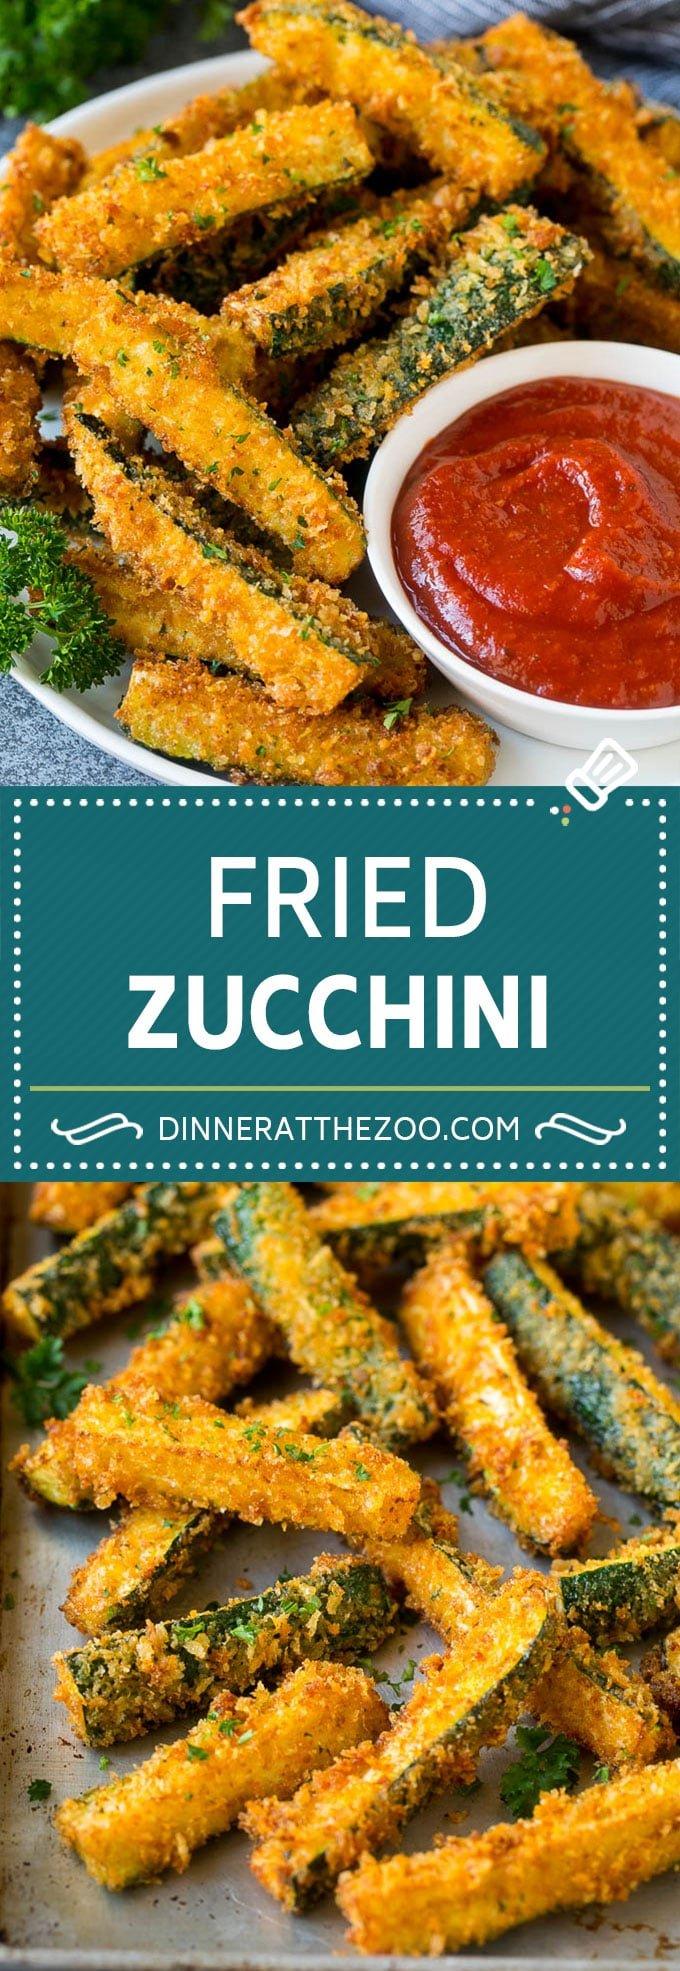 Fried Zucchini Recipe | Zucchini Fries | Zucchini Recipe #appetizer #zucchini #snack #dinneratthezoo